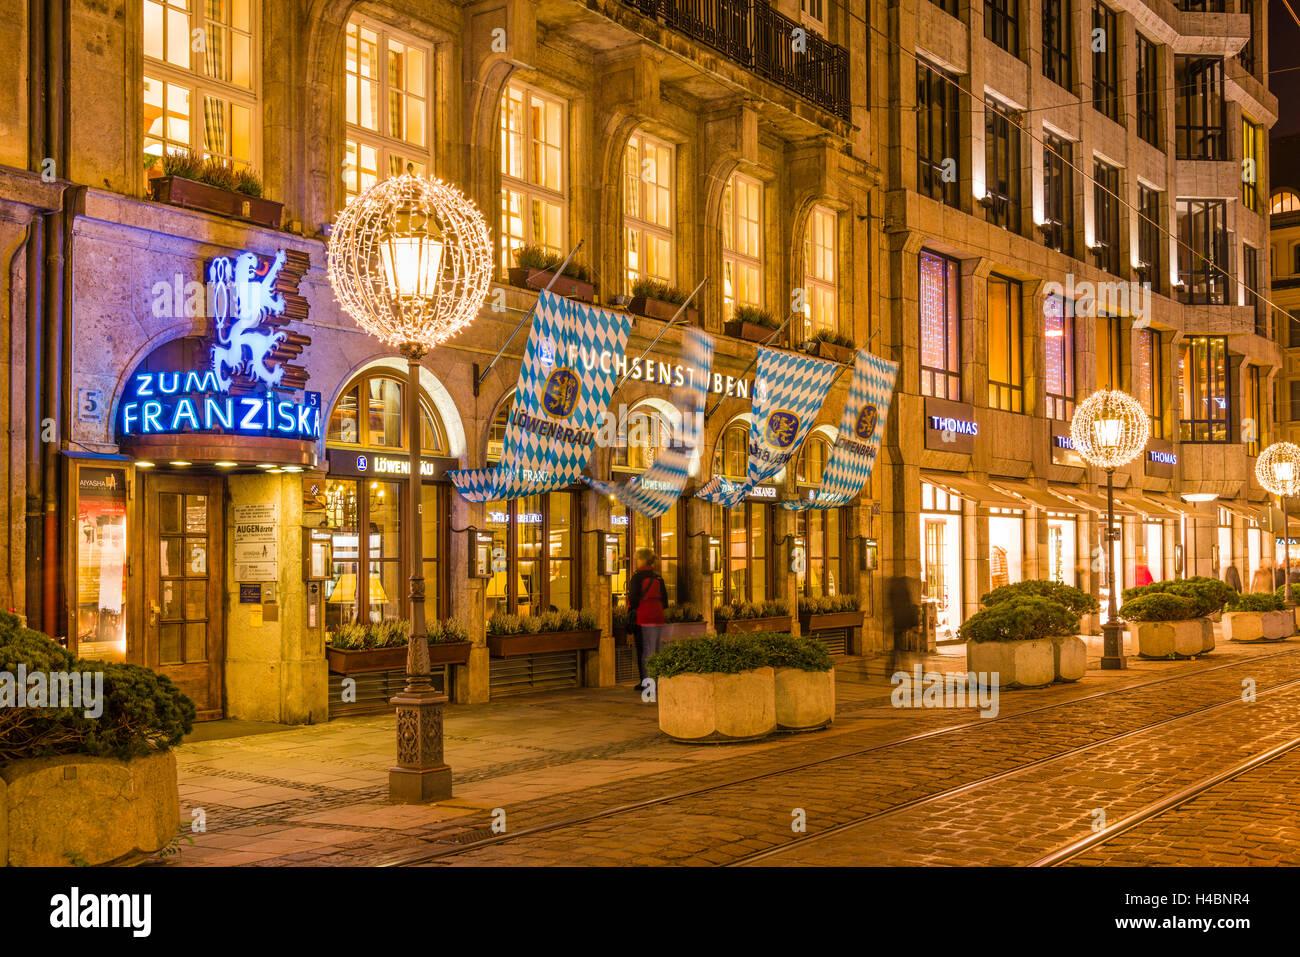 Deutschland, Bayern, Oberbayern, München, Lehel, Perusastraße, restaurant 'Zum Franziskaner', Fuchsenstuben Stock Photo